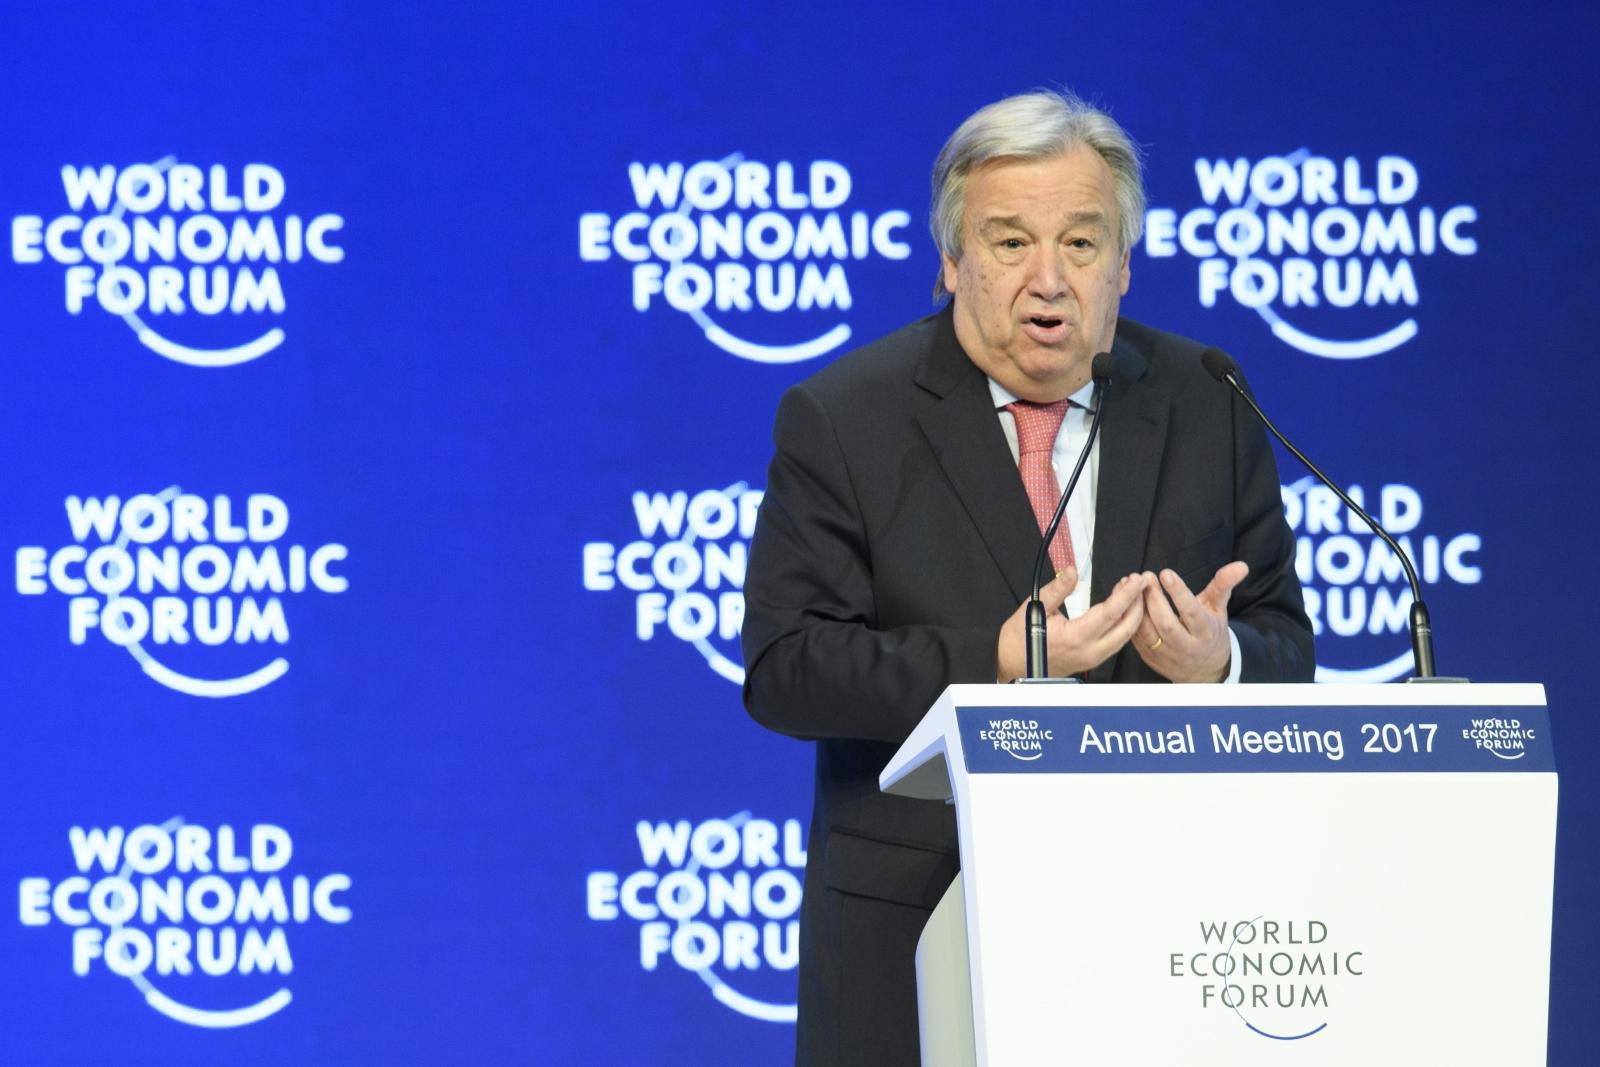 Sesja plenarna 47. dorocznego spotkania Światowego Forum Ekonomicznego w Davos, w Szwajcarii. Fot. PAP/EPA/GIAN EHRENZELLER